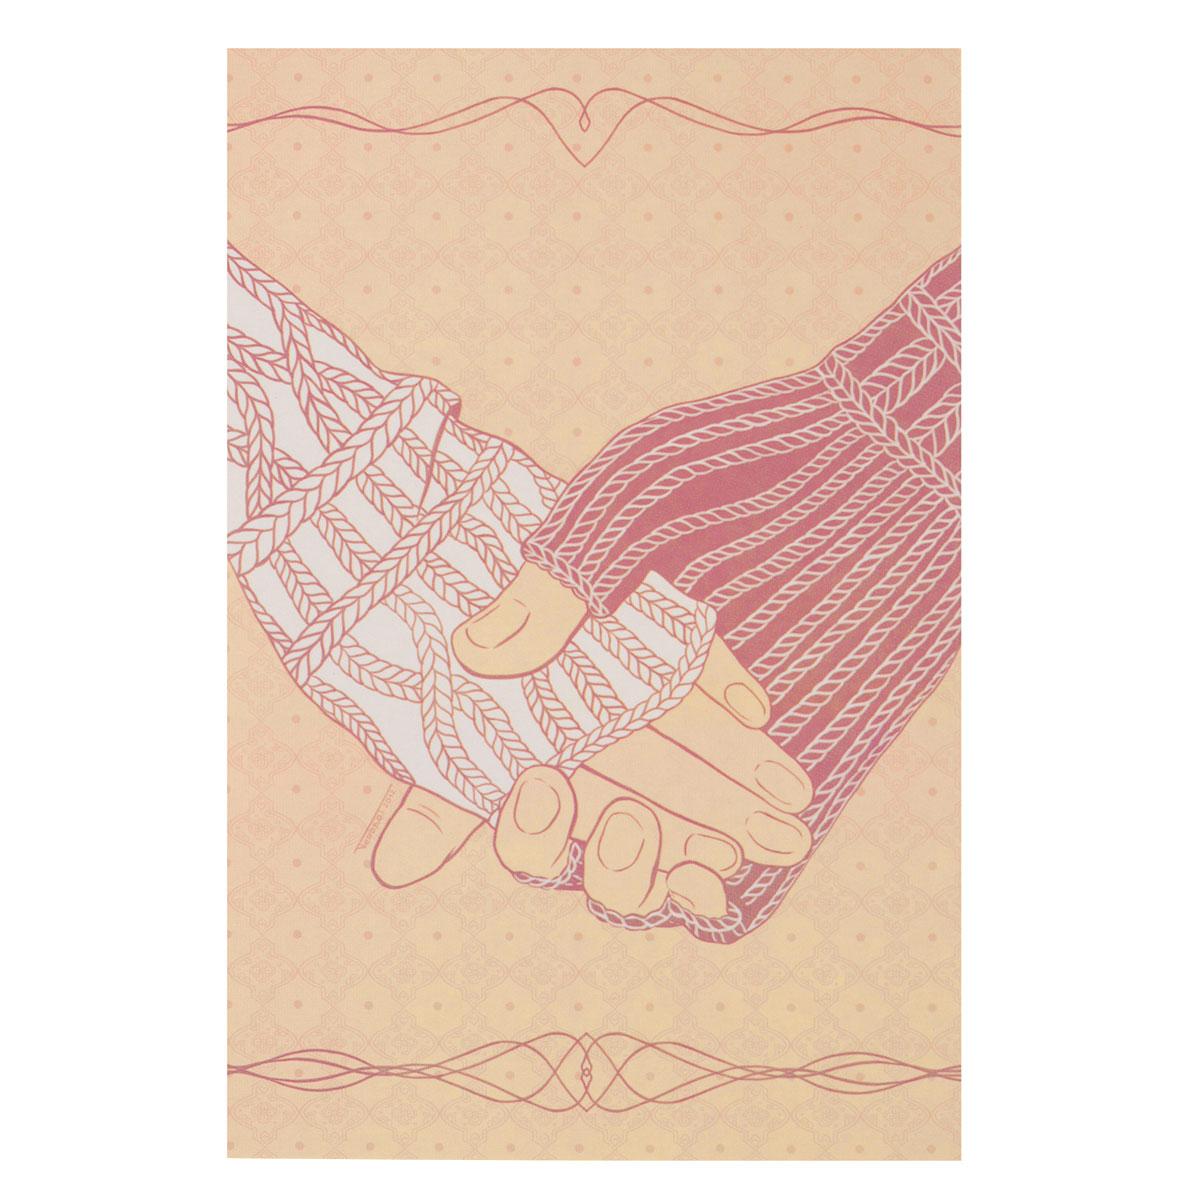 Открытка Свяжемся. Автор Татьяна ПероваPT10-023Оригинальная дизайнерская открытка Свяжемся выполнена из плотного матового картона. На лицевой стороне расположена репродукция картины художницы Татьяны Перовой с изображением рук в вязаных варежках.Такая открытка станет великолепным дополнением к подарку или оригинальным почтовым посланием, которое, несомненно, удивит получателя своим дизайном и подарит приятные воспоминания.